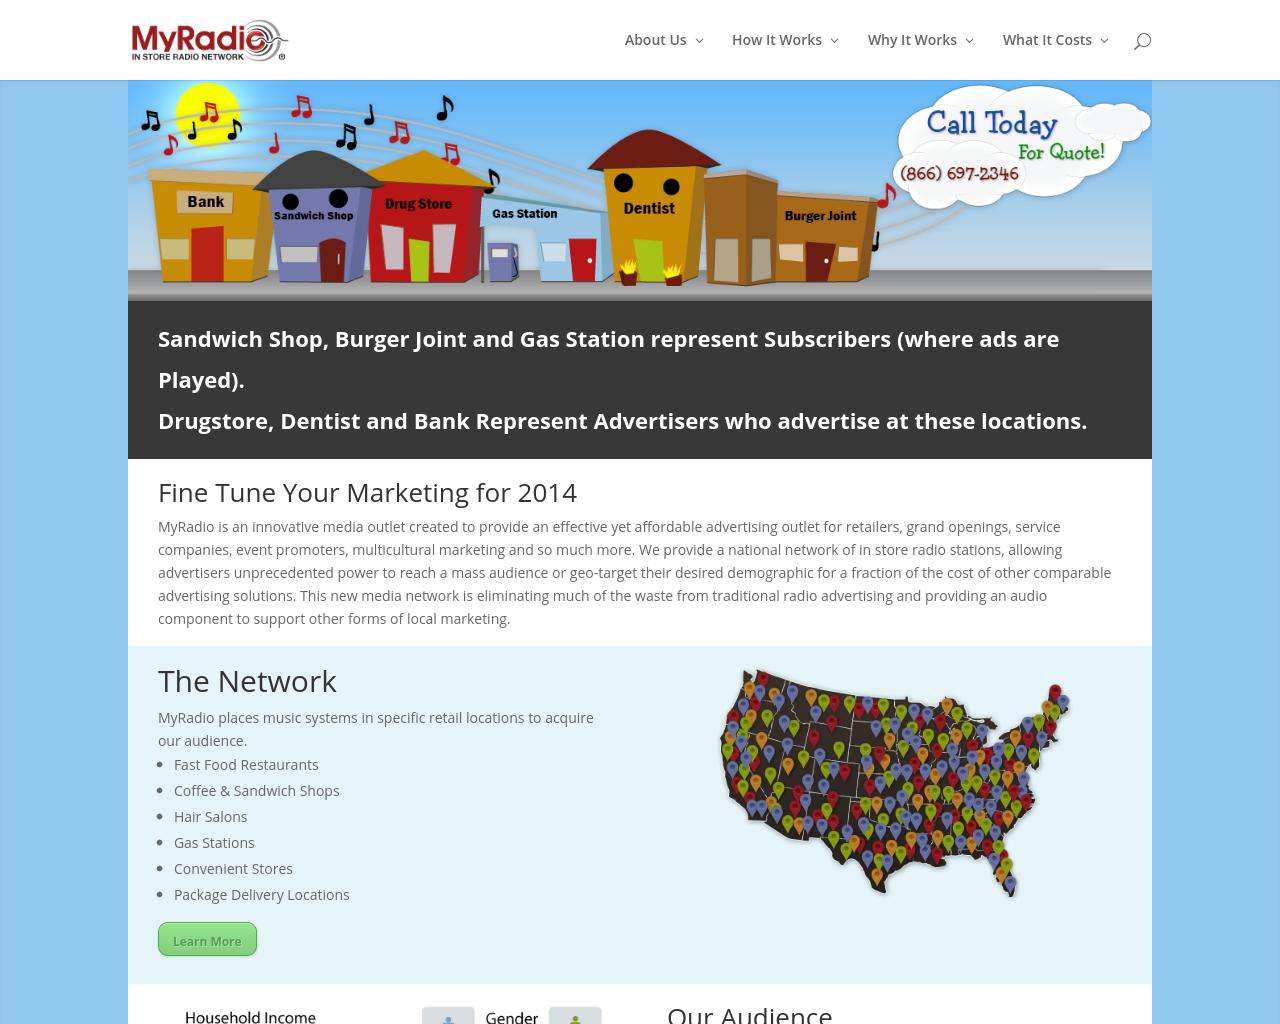 MyRadio-Advertising-Reviews-Pricing